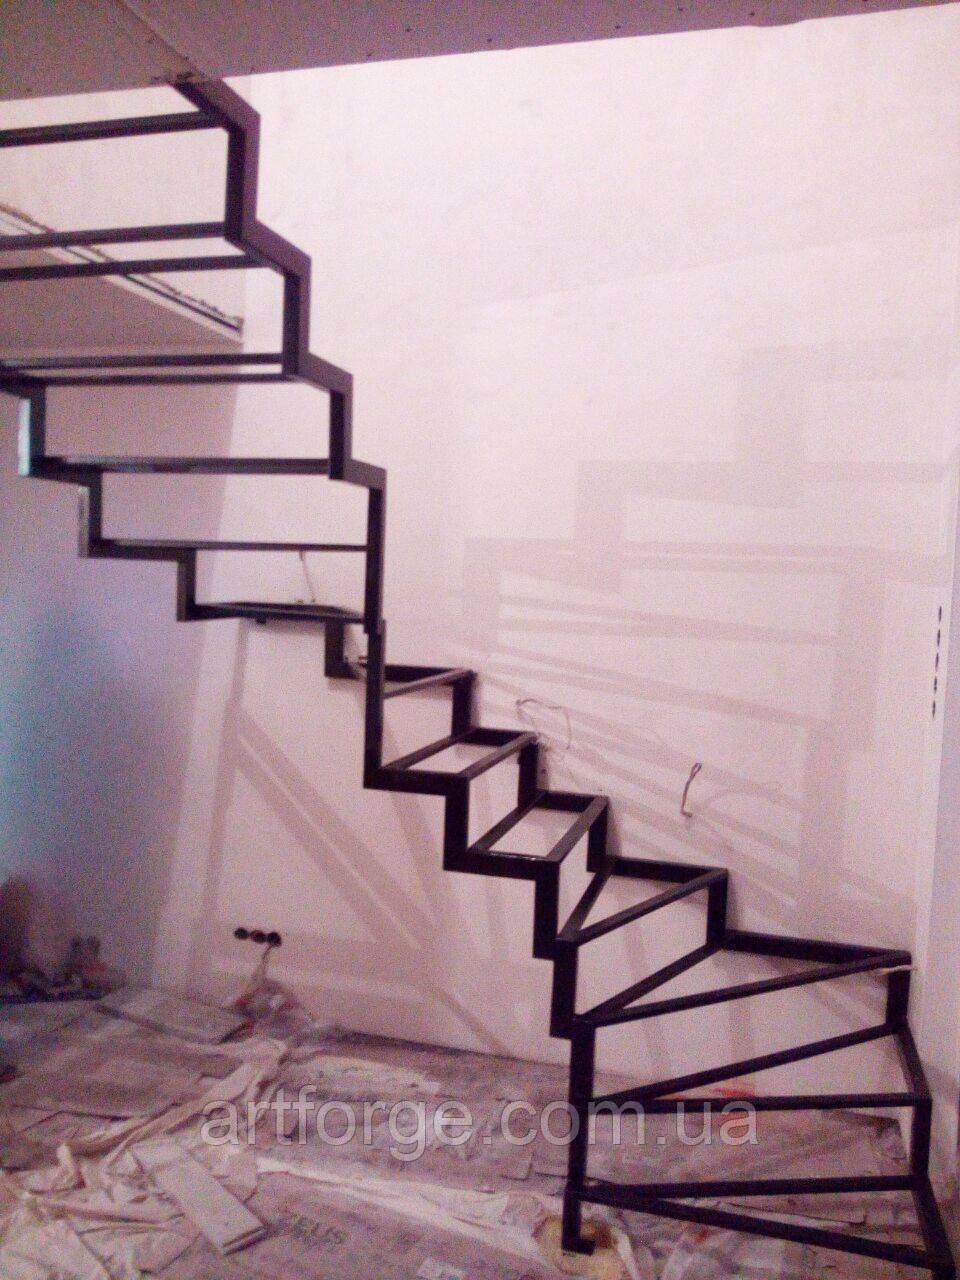 Каркас для открытой лестницы в квартиру